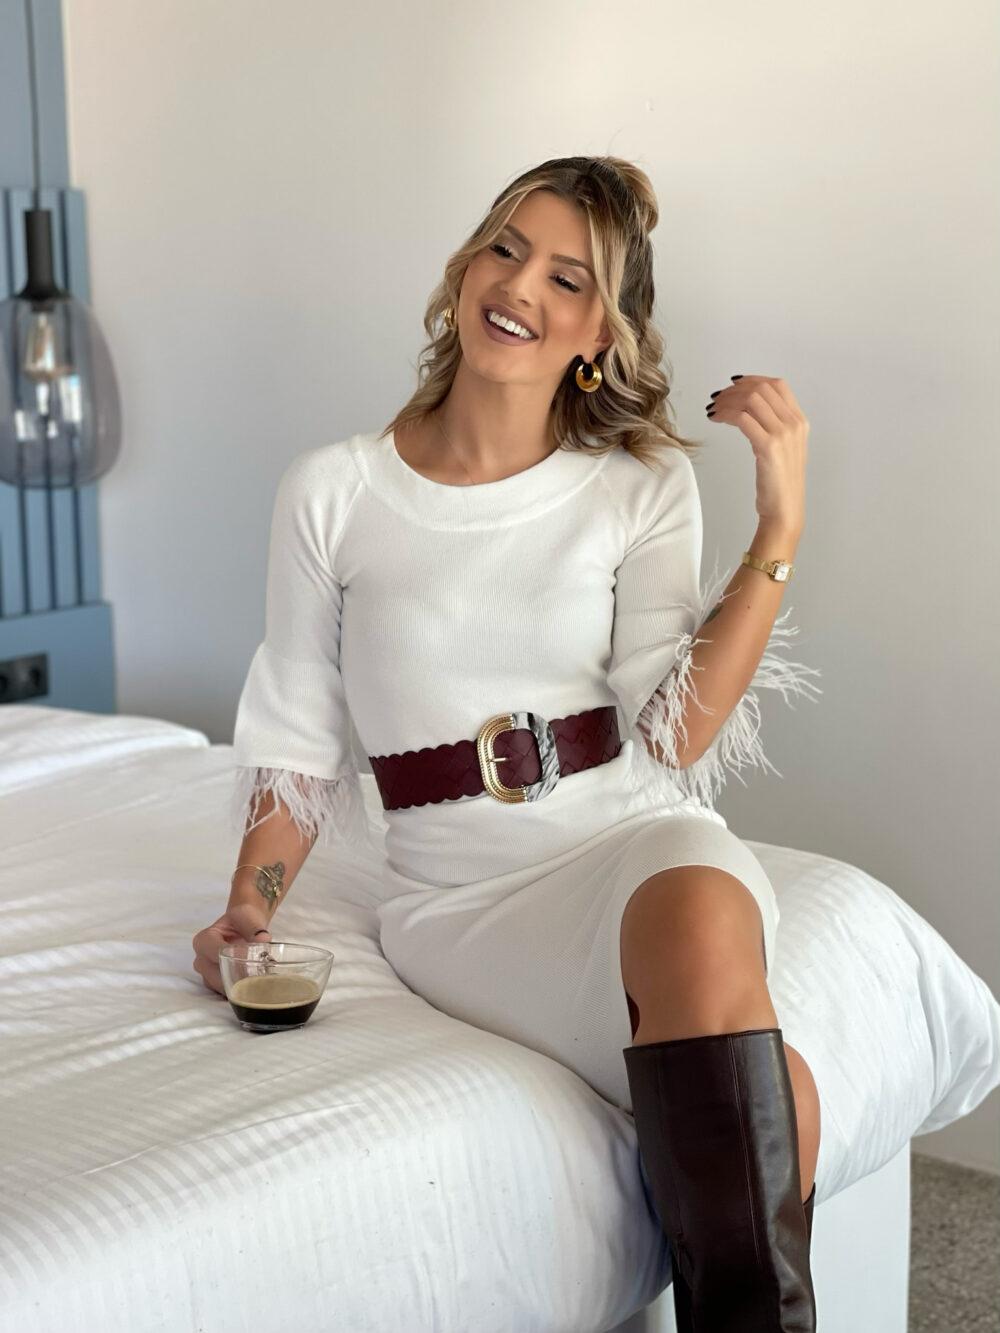 φορεμα λευκο πλεκτο με πουπουλα στα μανικια